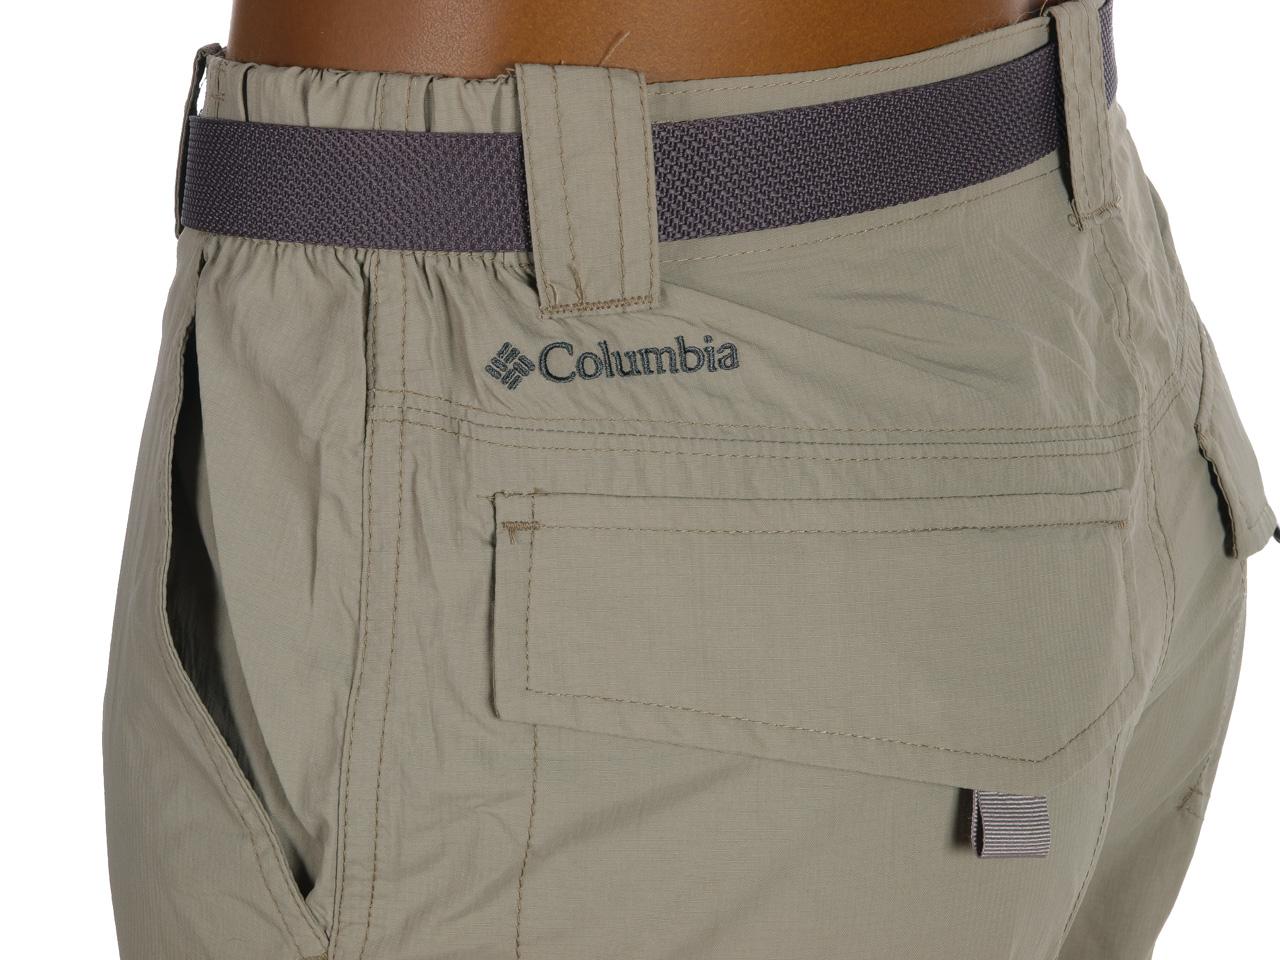 Pantalon-trekking-randonnee-Columbia-Silver-tusk-convertible-Marron-24395-Neuf